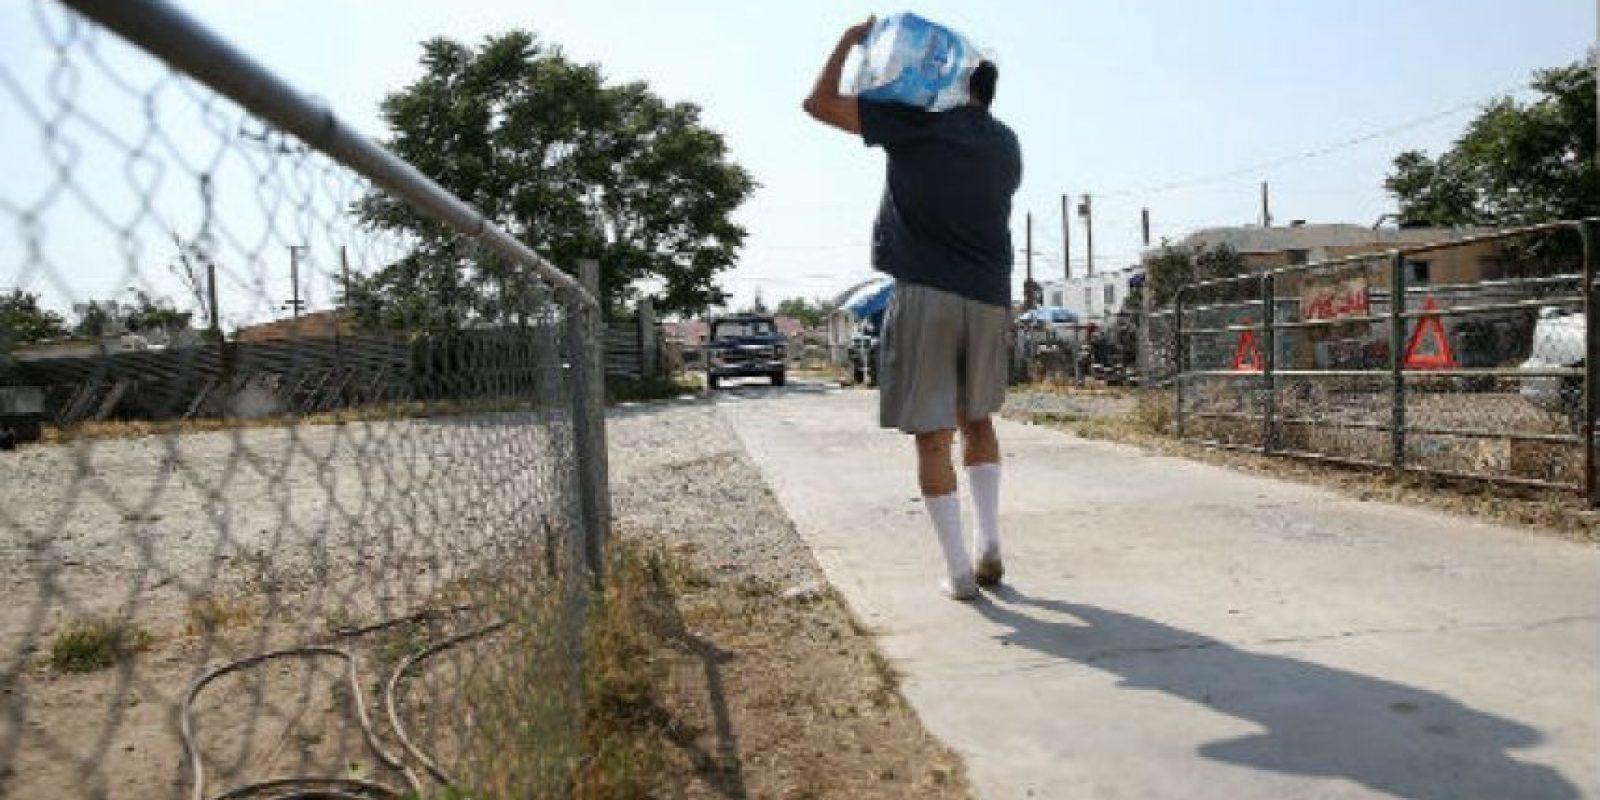 De acuerdo con el doctor Lee Jong-wook, que fue director general de la Organización Mundial de la Salud, el agua es uno de los principales motores de la salud pública. Foto:Getty Images. Imagen Por: